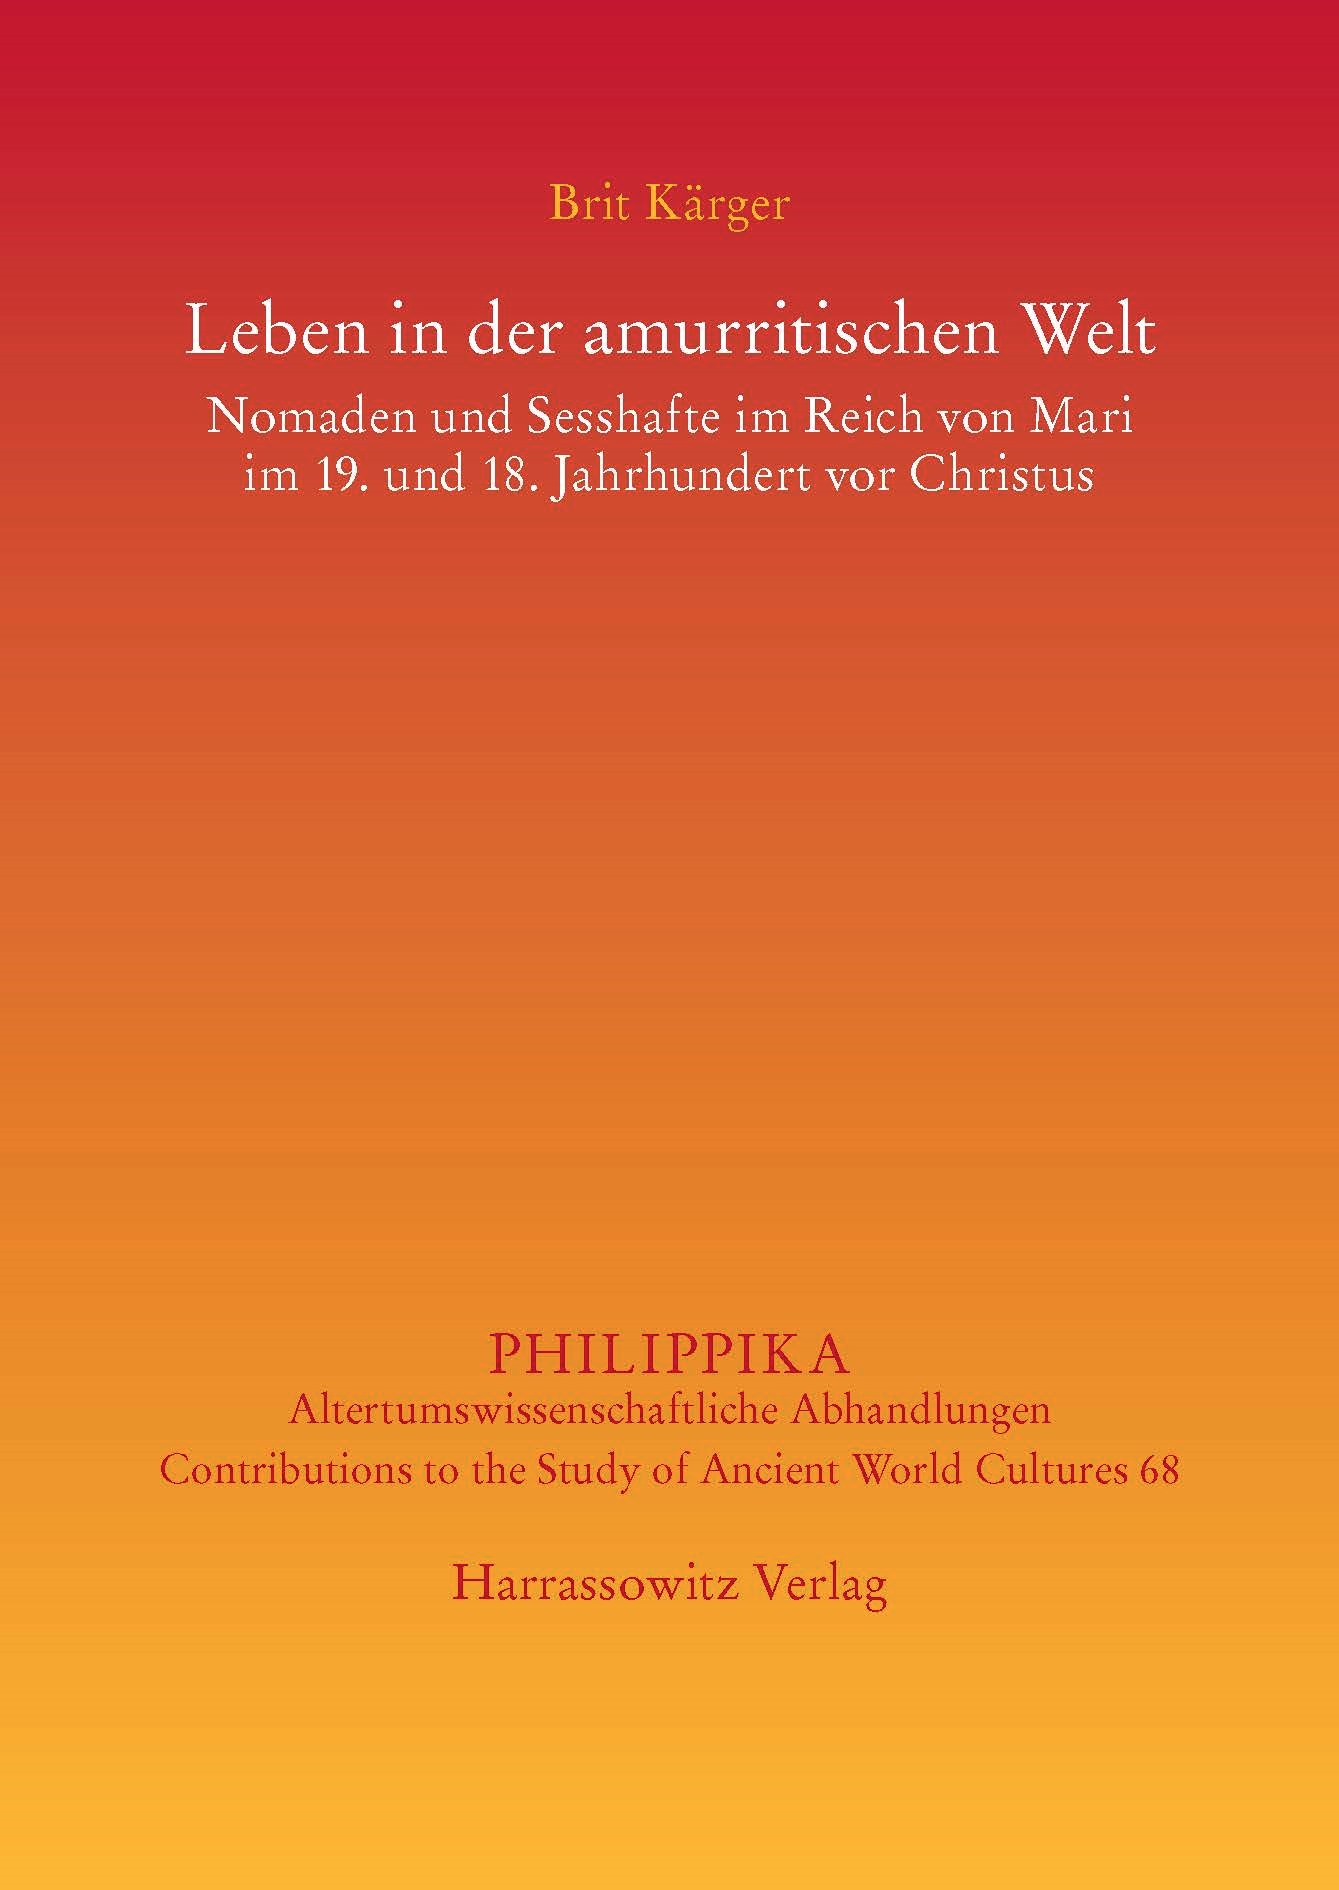 Leben in der amurritischen Welt | Kärger, 2014 | Buch (Cover)